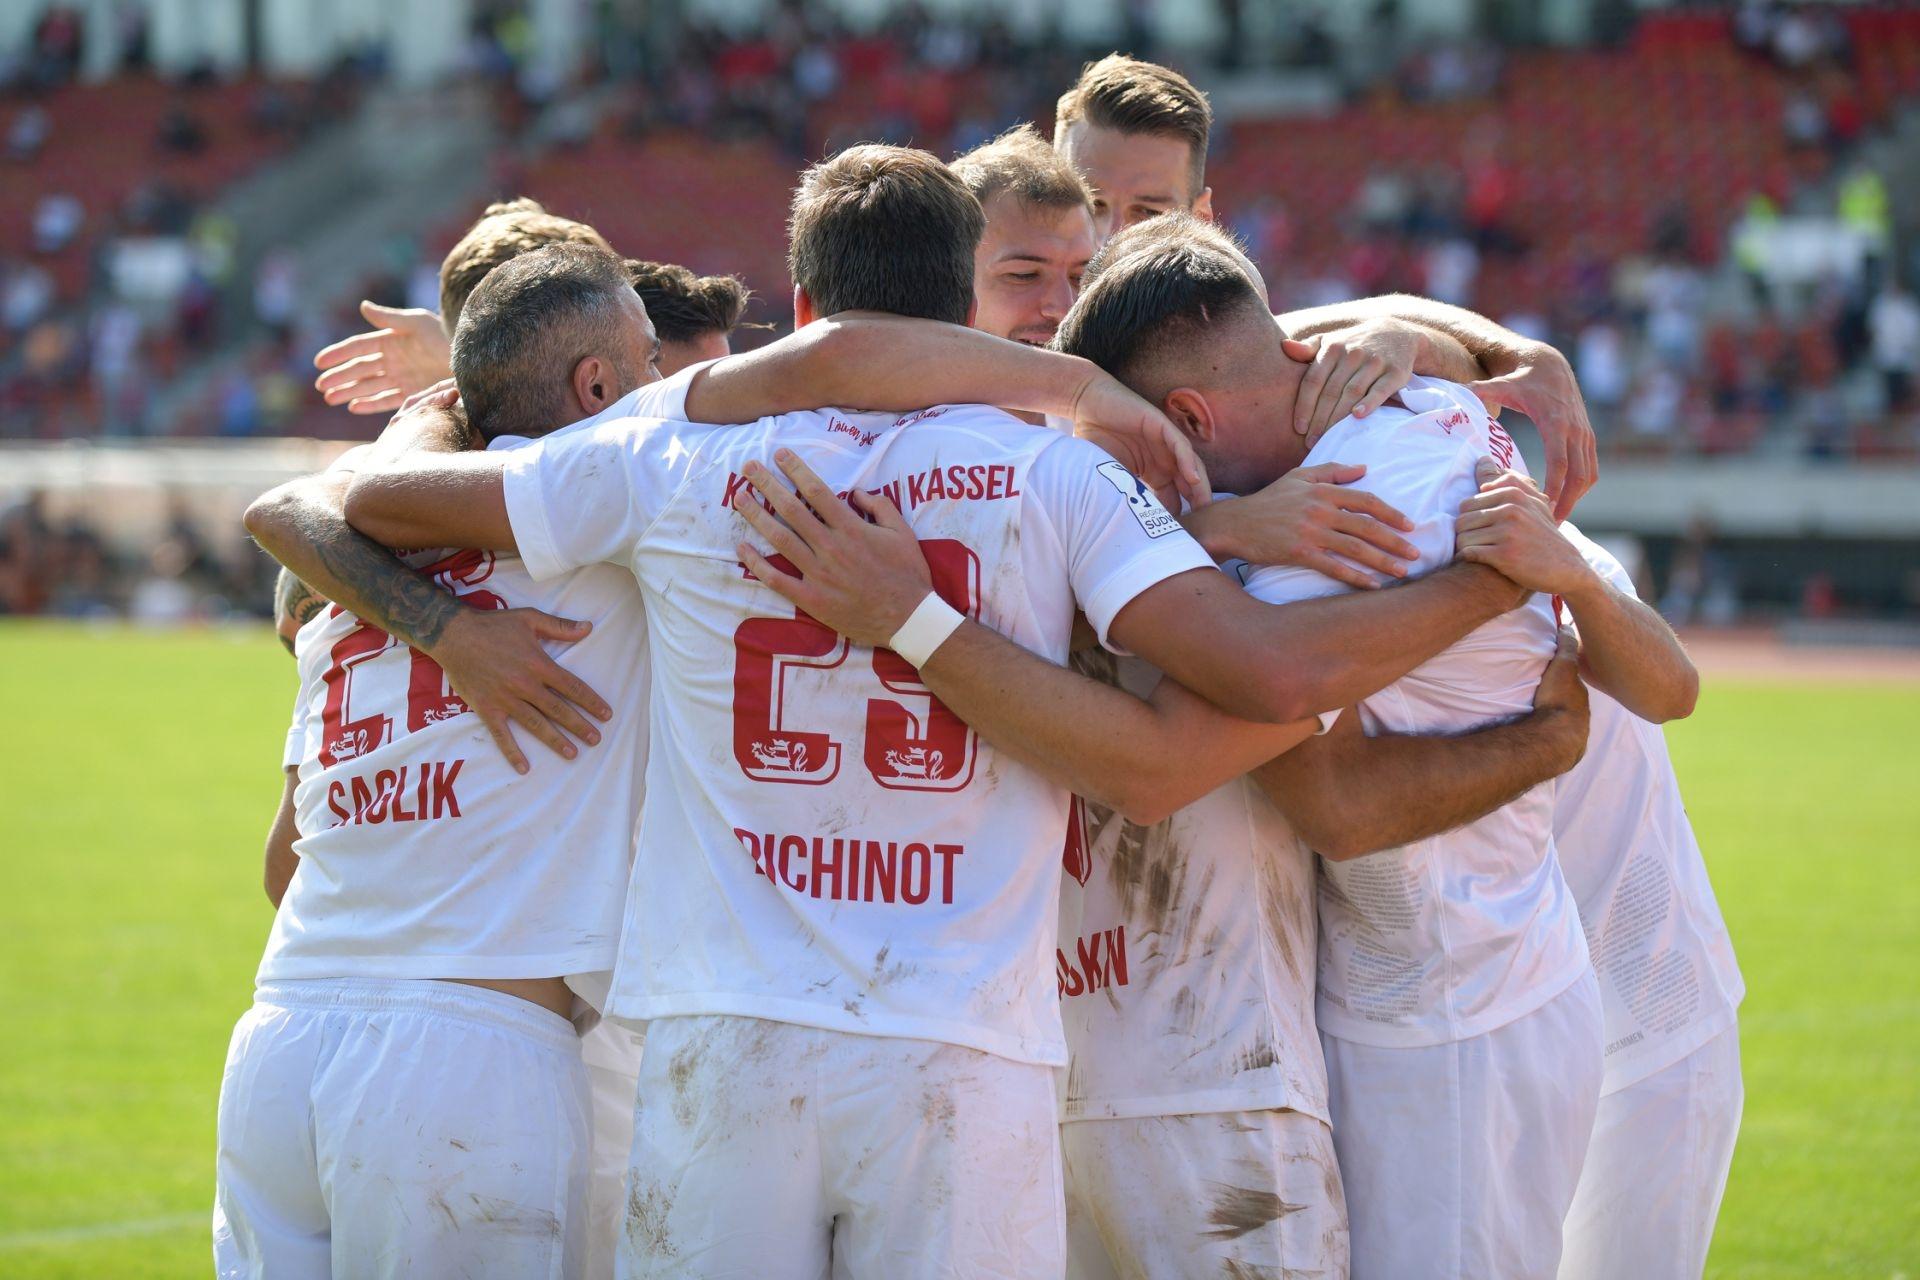 Regionalliga S�dwest 2020/21, KSV Hessen Kassel, TSV Schott Mainz, Endstand 2:1, Jubel zum 1:0